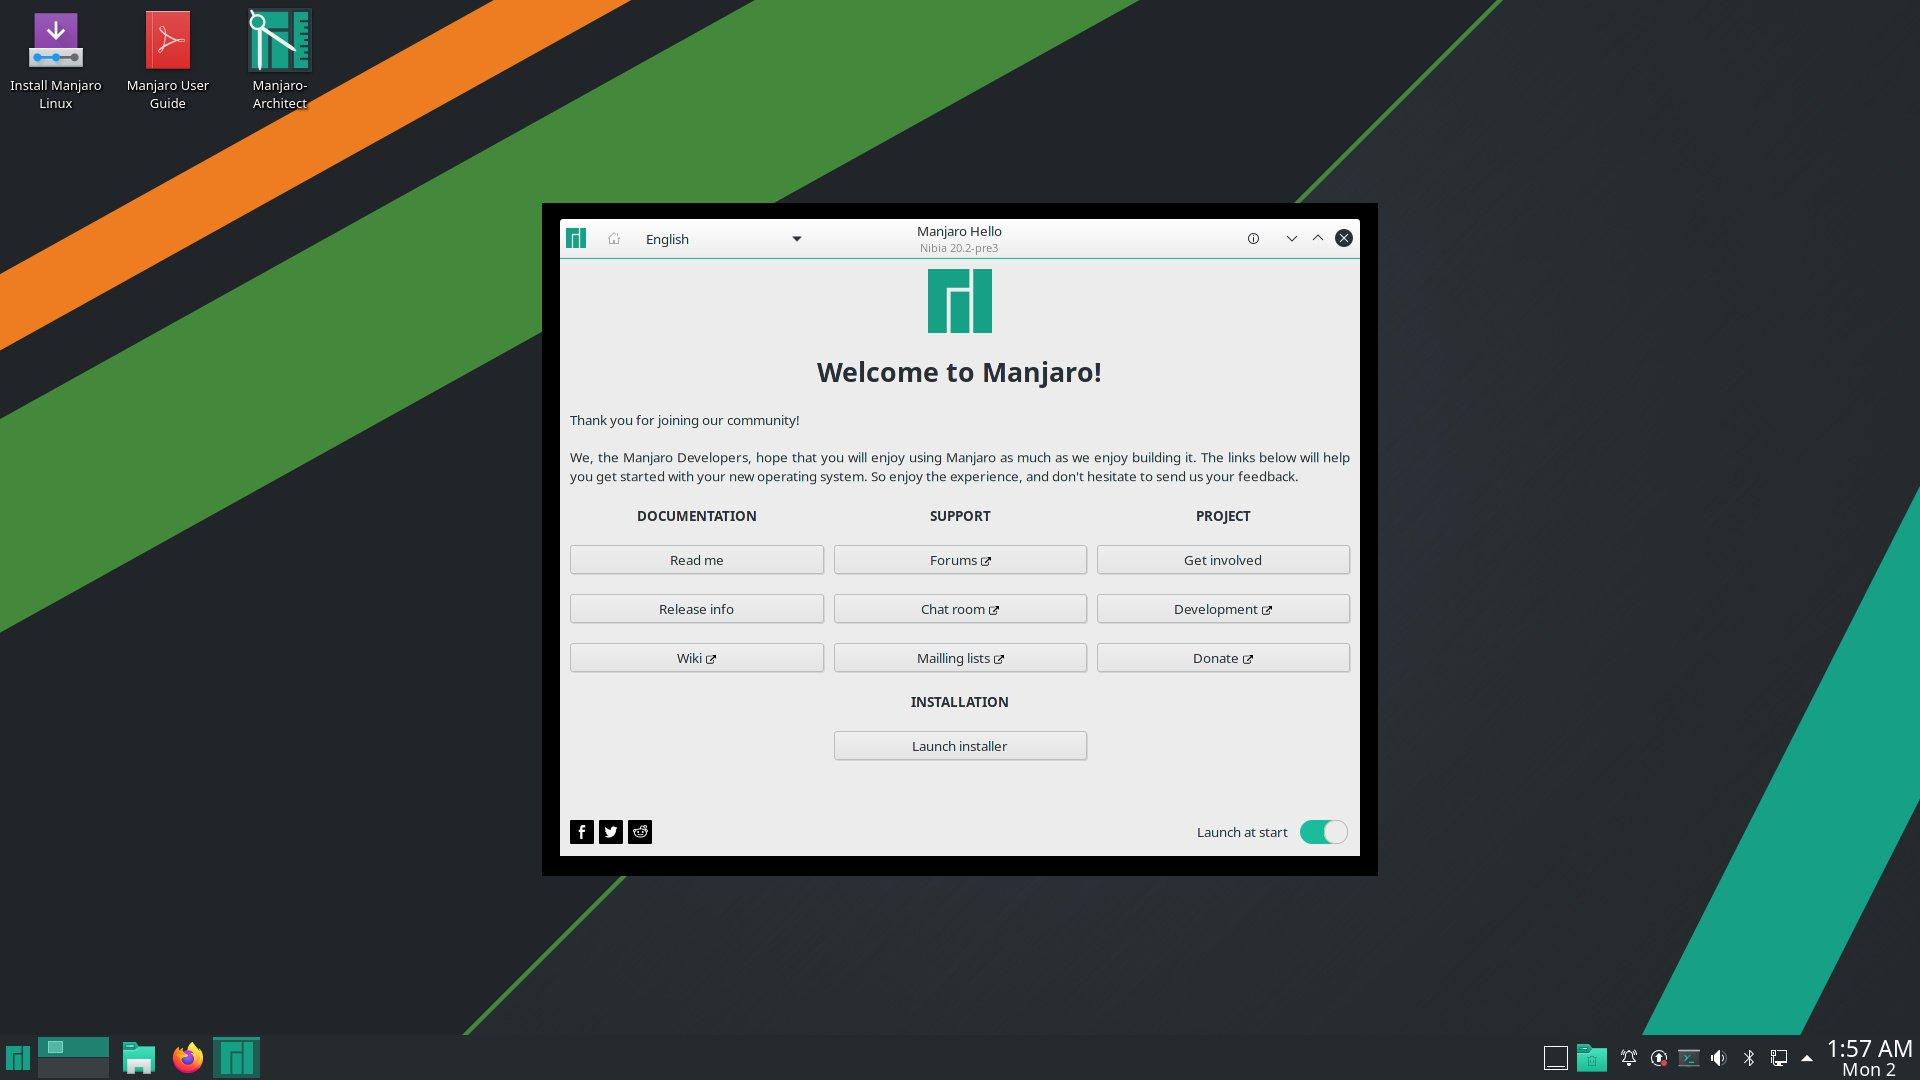 009fc1d2624d071af8db6290af705247d4474c44 - Manjaro Linux 20.2 Nibia just released